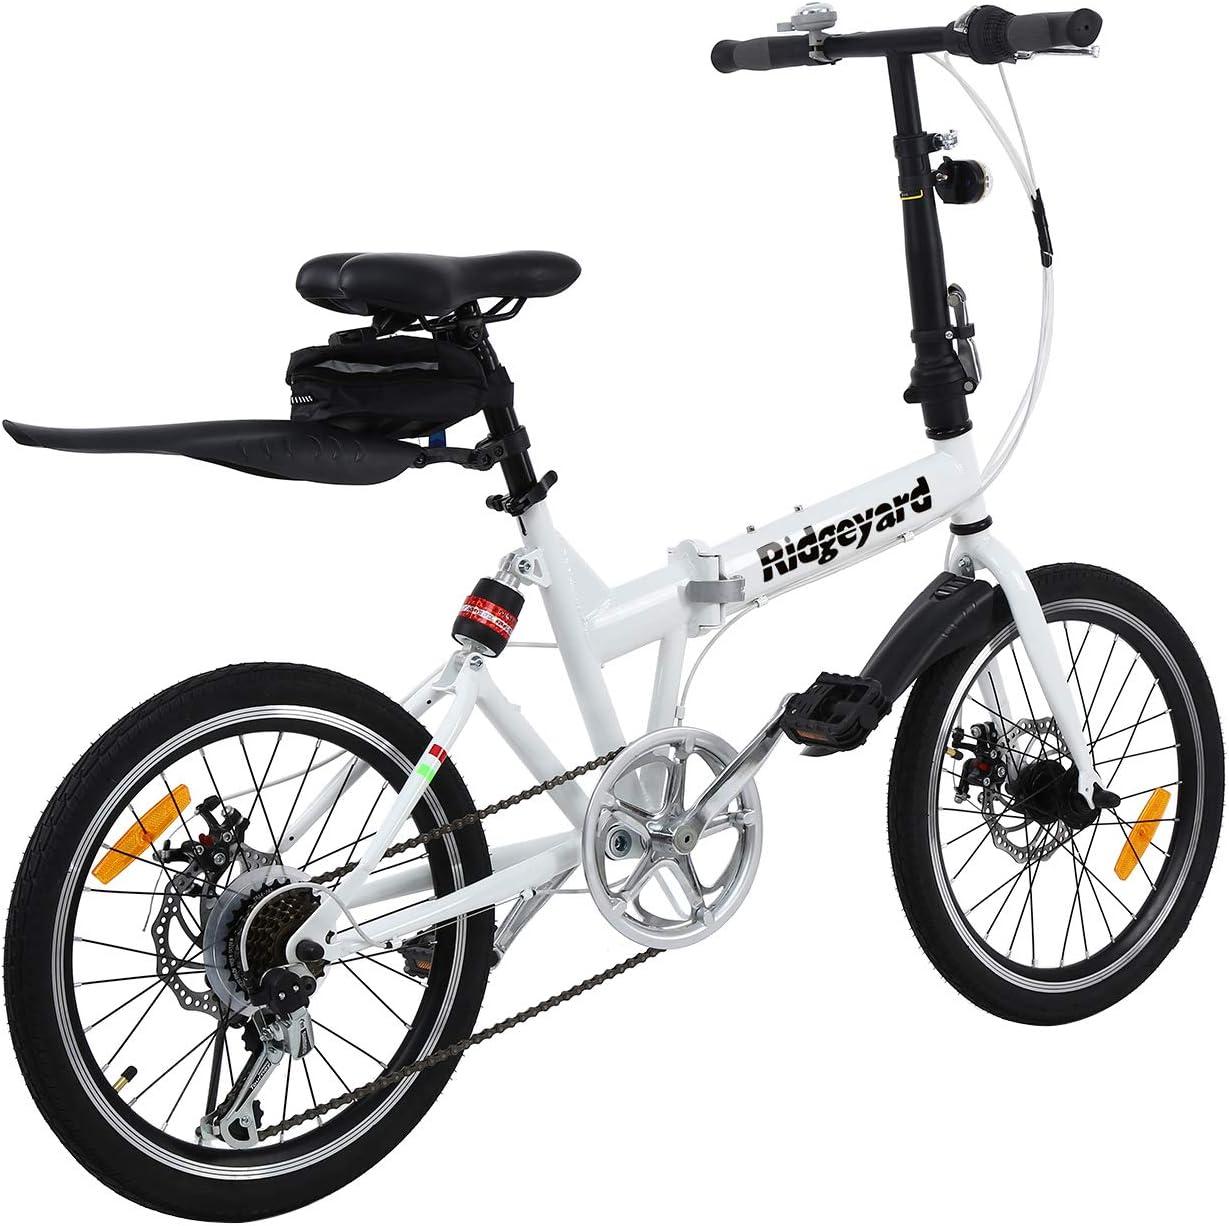 Fahrradglocke LED Batterie Leuchte Sitztasche MuGuang Faltbares Fahrrad 20 Zoll 7 Gang Faltmaschine Wei/ß